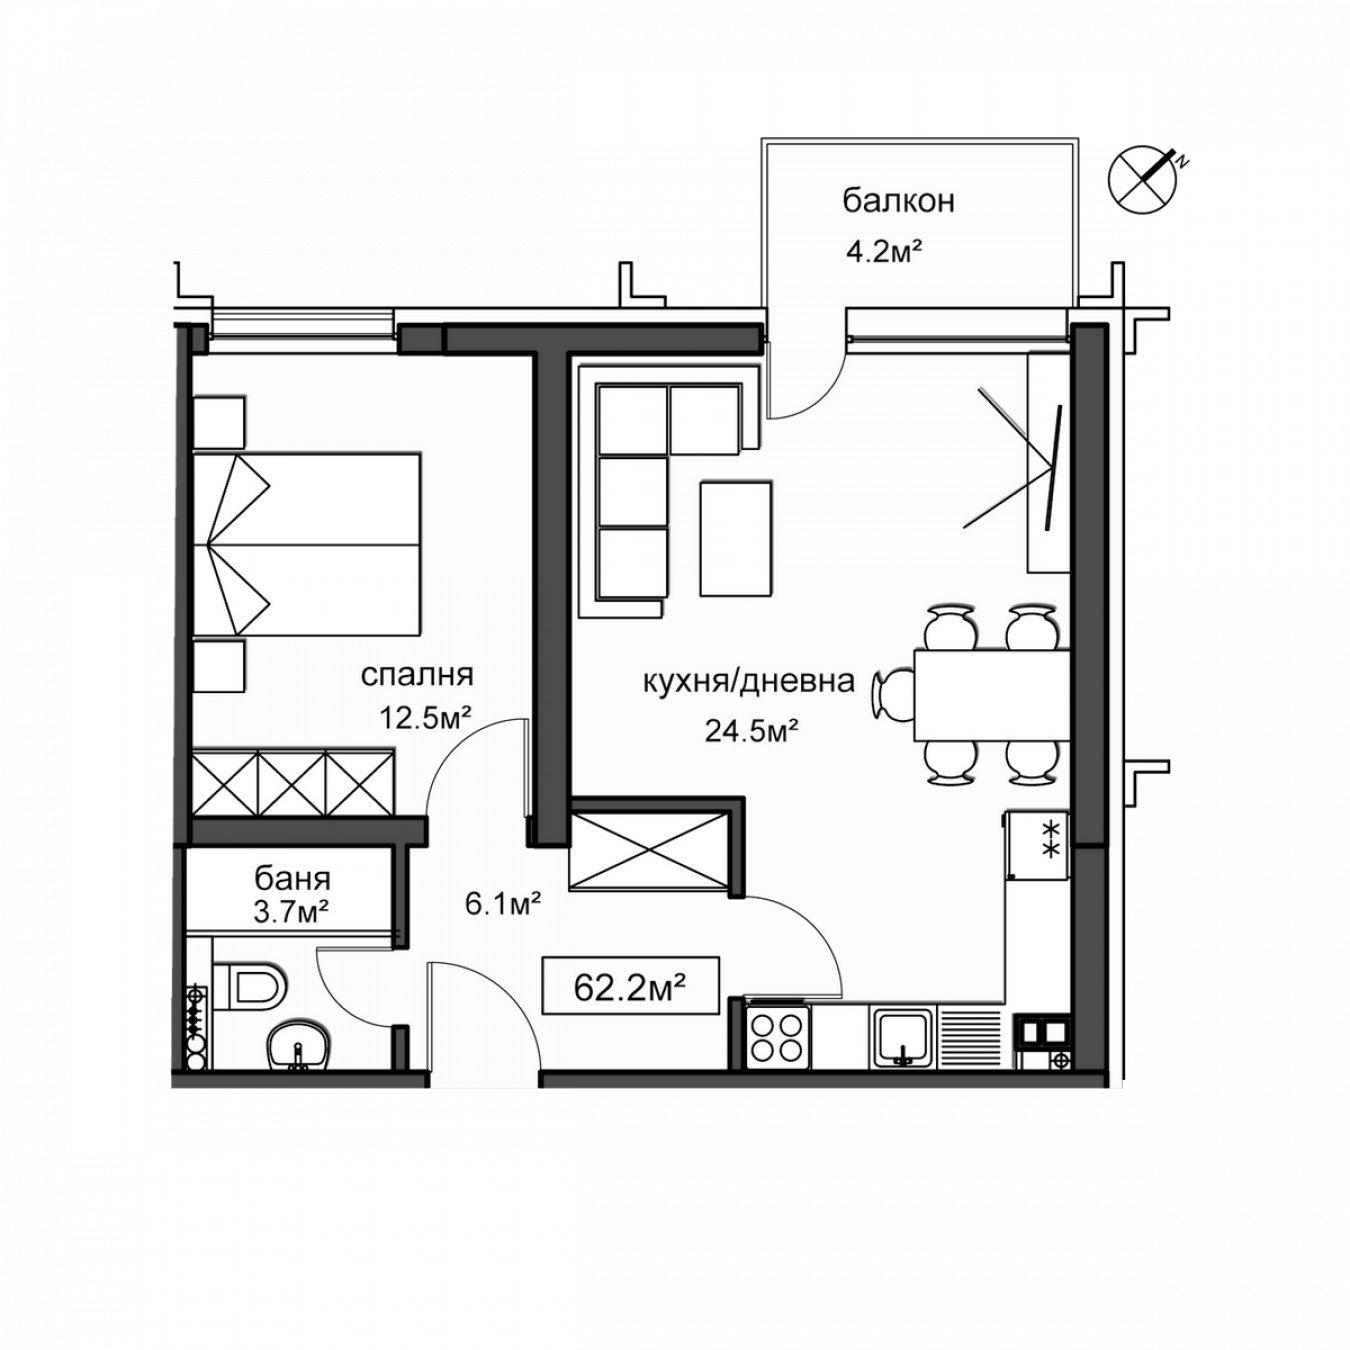 Архитектурни планове на Комплекс Нове Хоумс